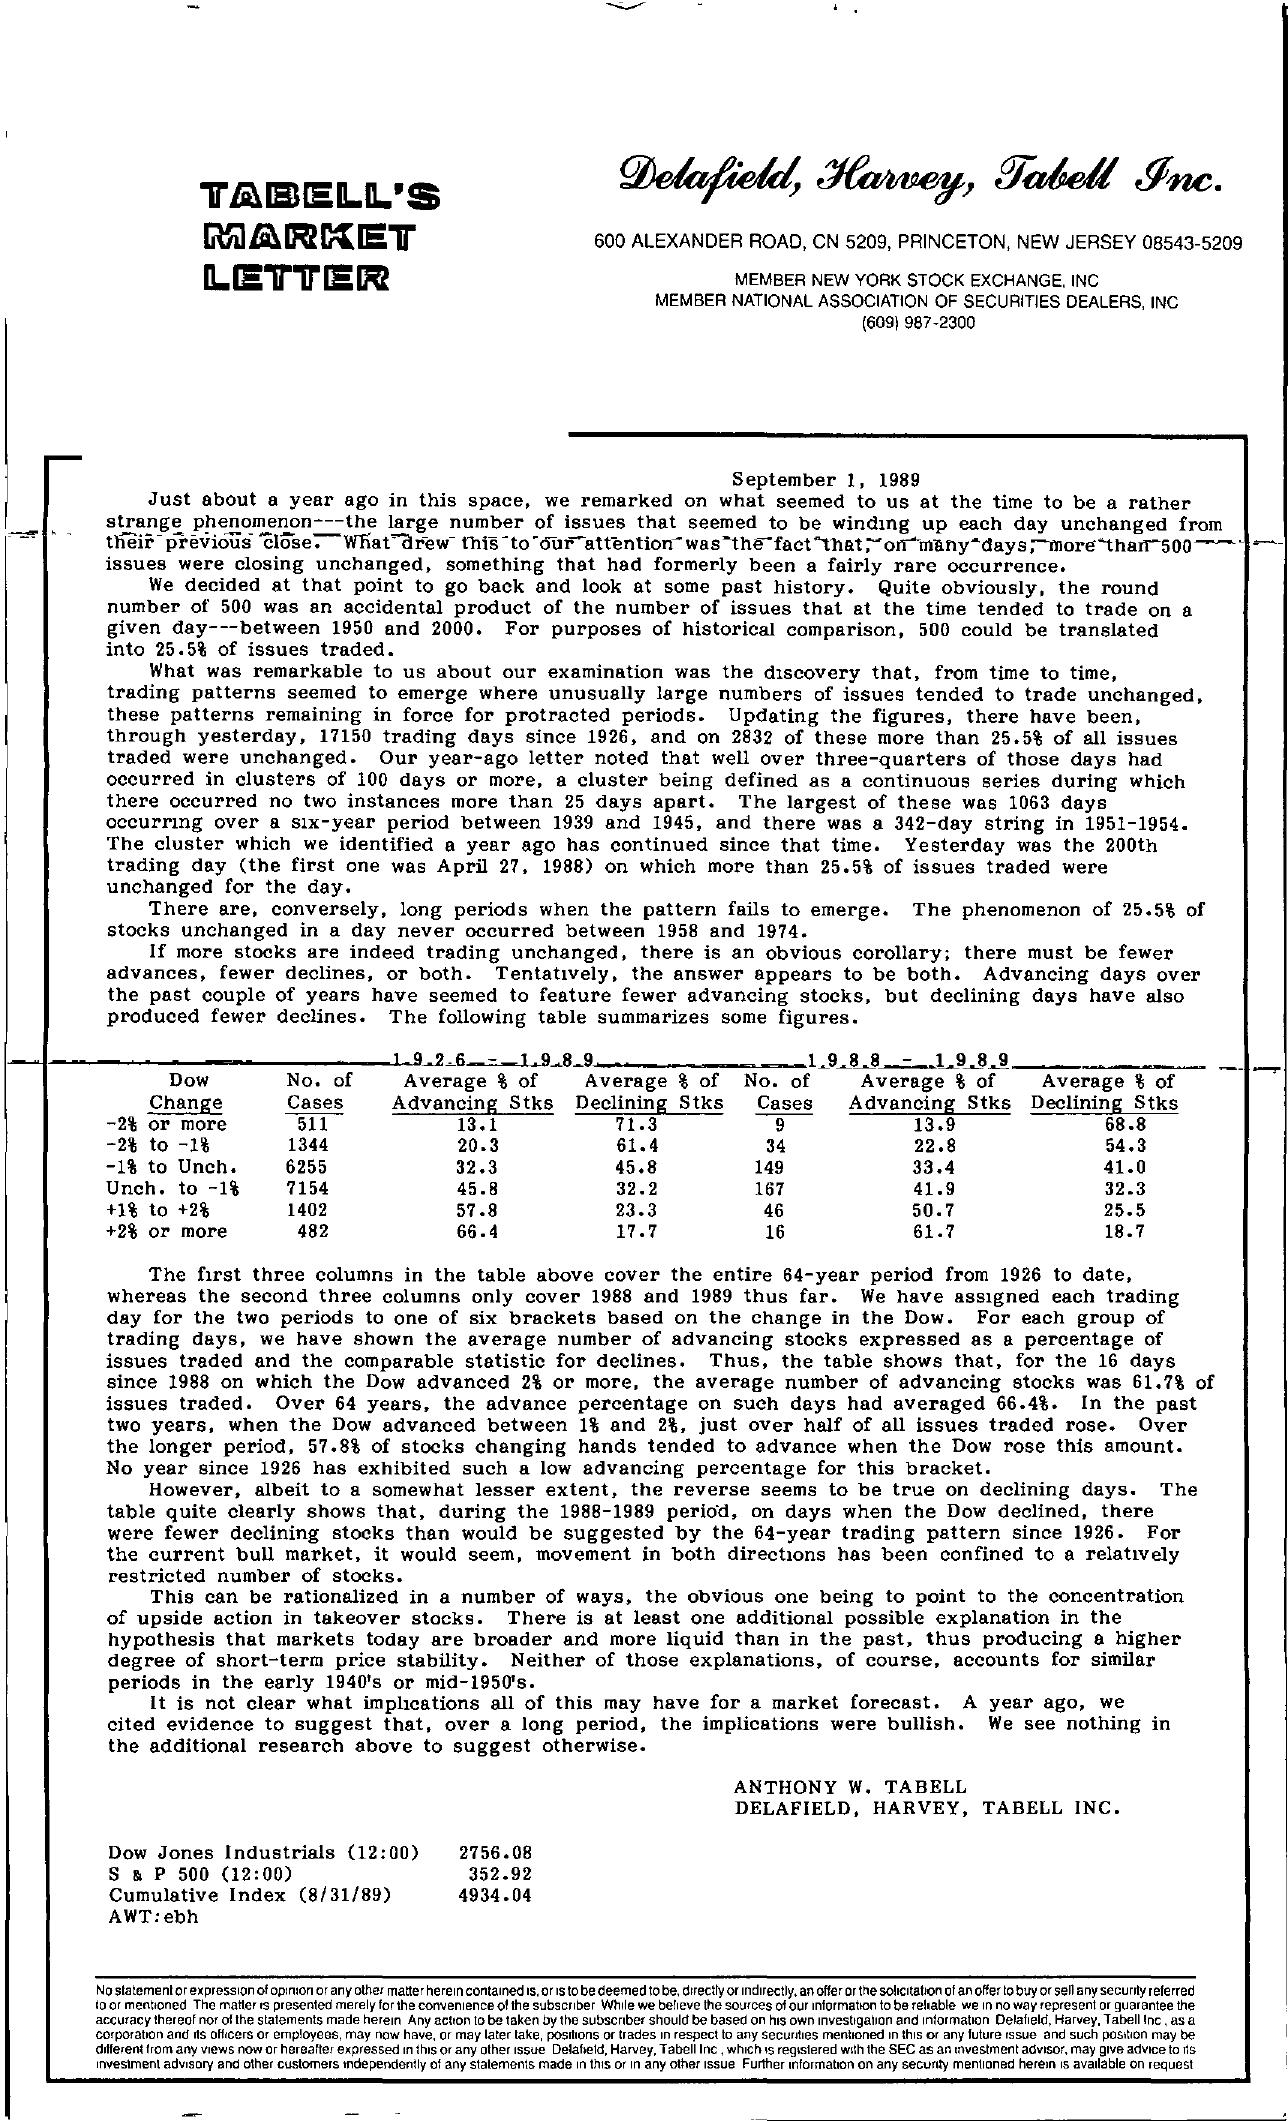 Tabell's Market Letter - September 01, 1989